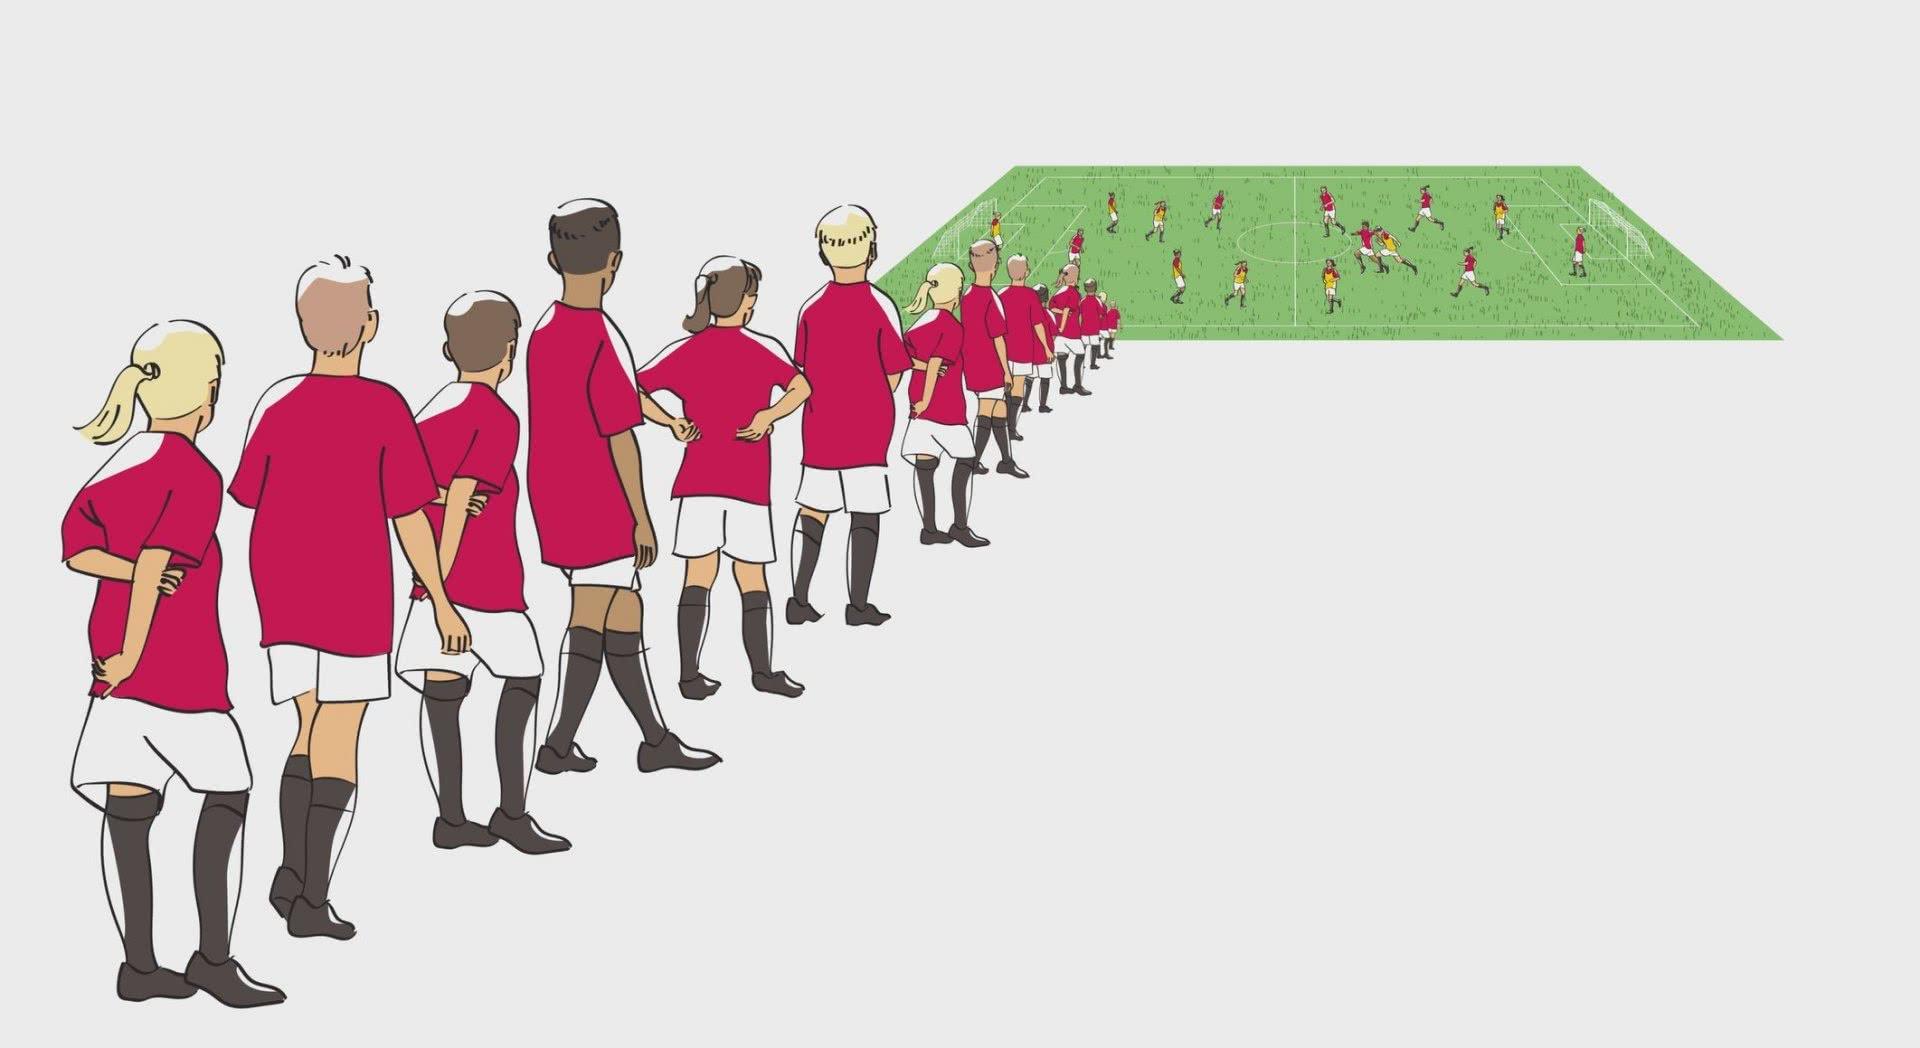 Disegno: numerosi bambini e giovani in fila davanti a un campo da calcio